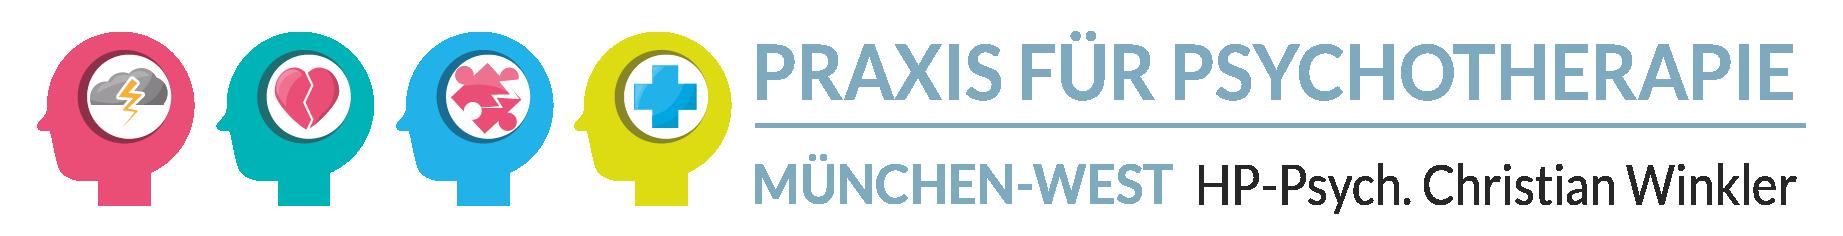 Psypraxmuc.de – Praxis für Psychotherapie München-West – HP Psych. Christian Winkler